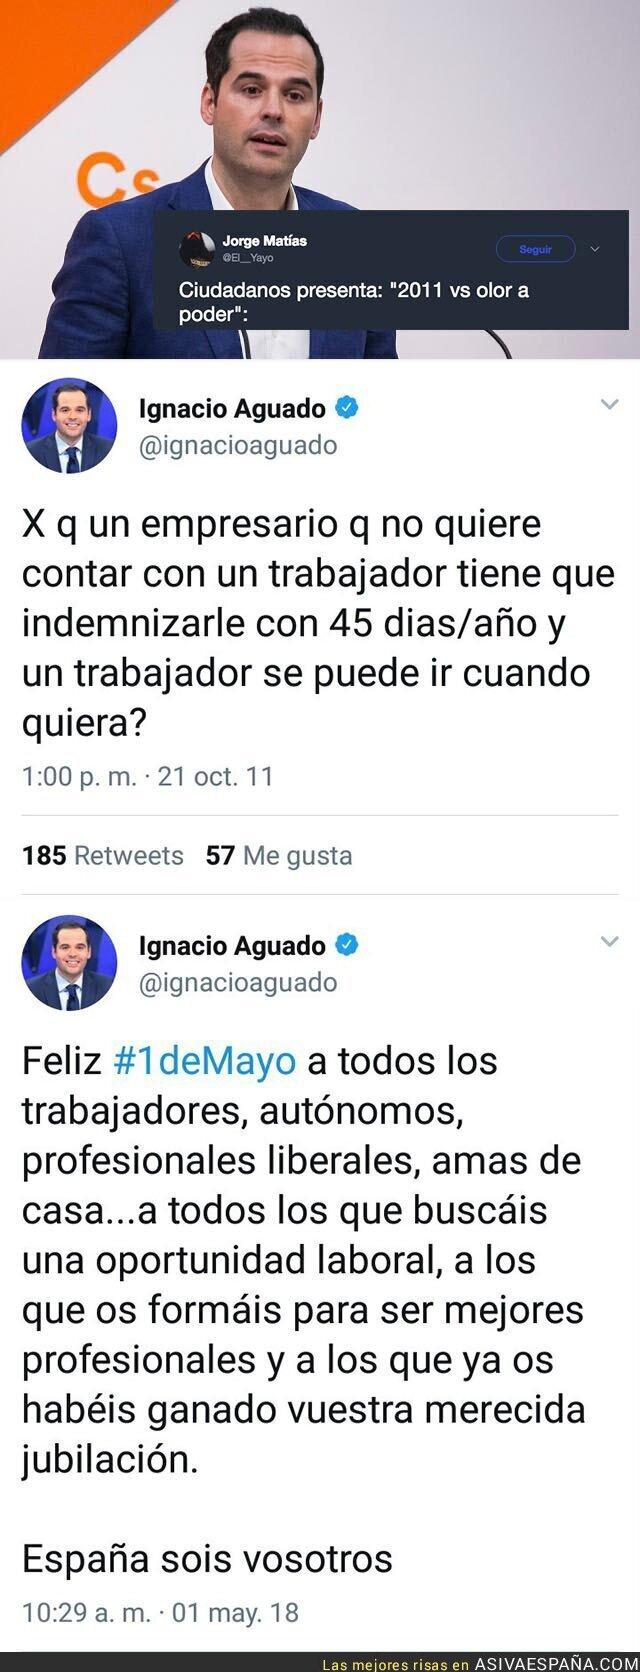 86225 - El brutal cambio de discurso de Ignacio Aguado (Ciudadanos) de 2011 a 2018 que no quiere que leas